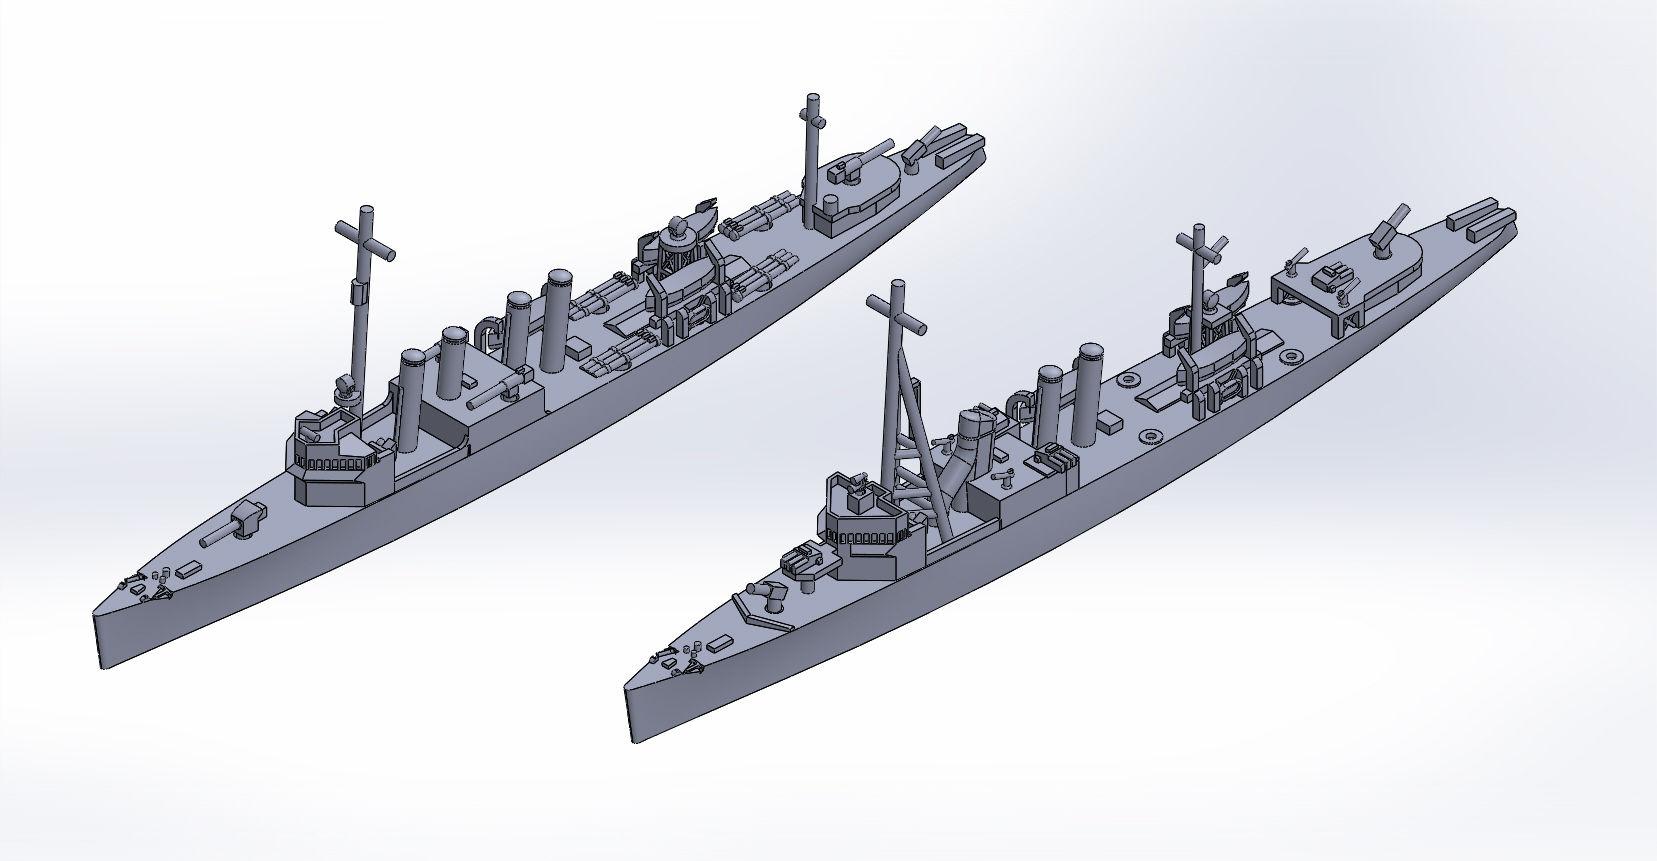 第二号哨戒艇